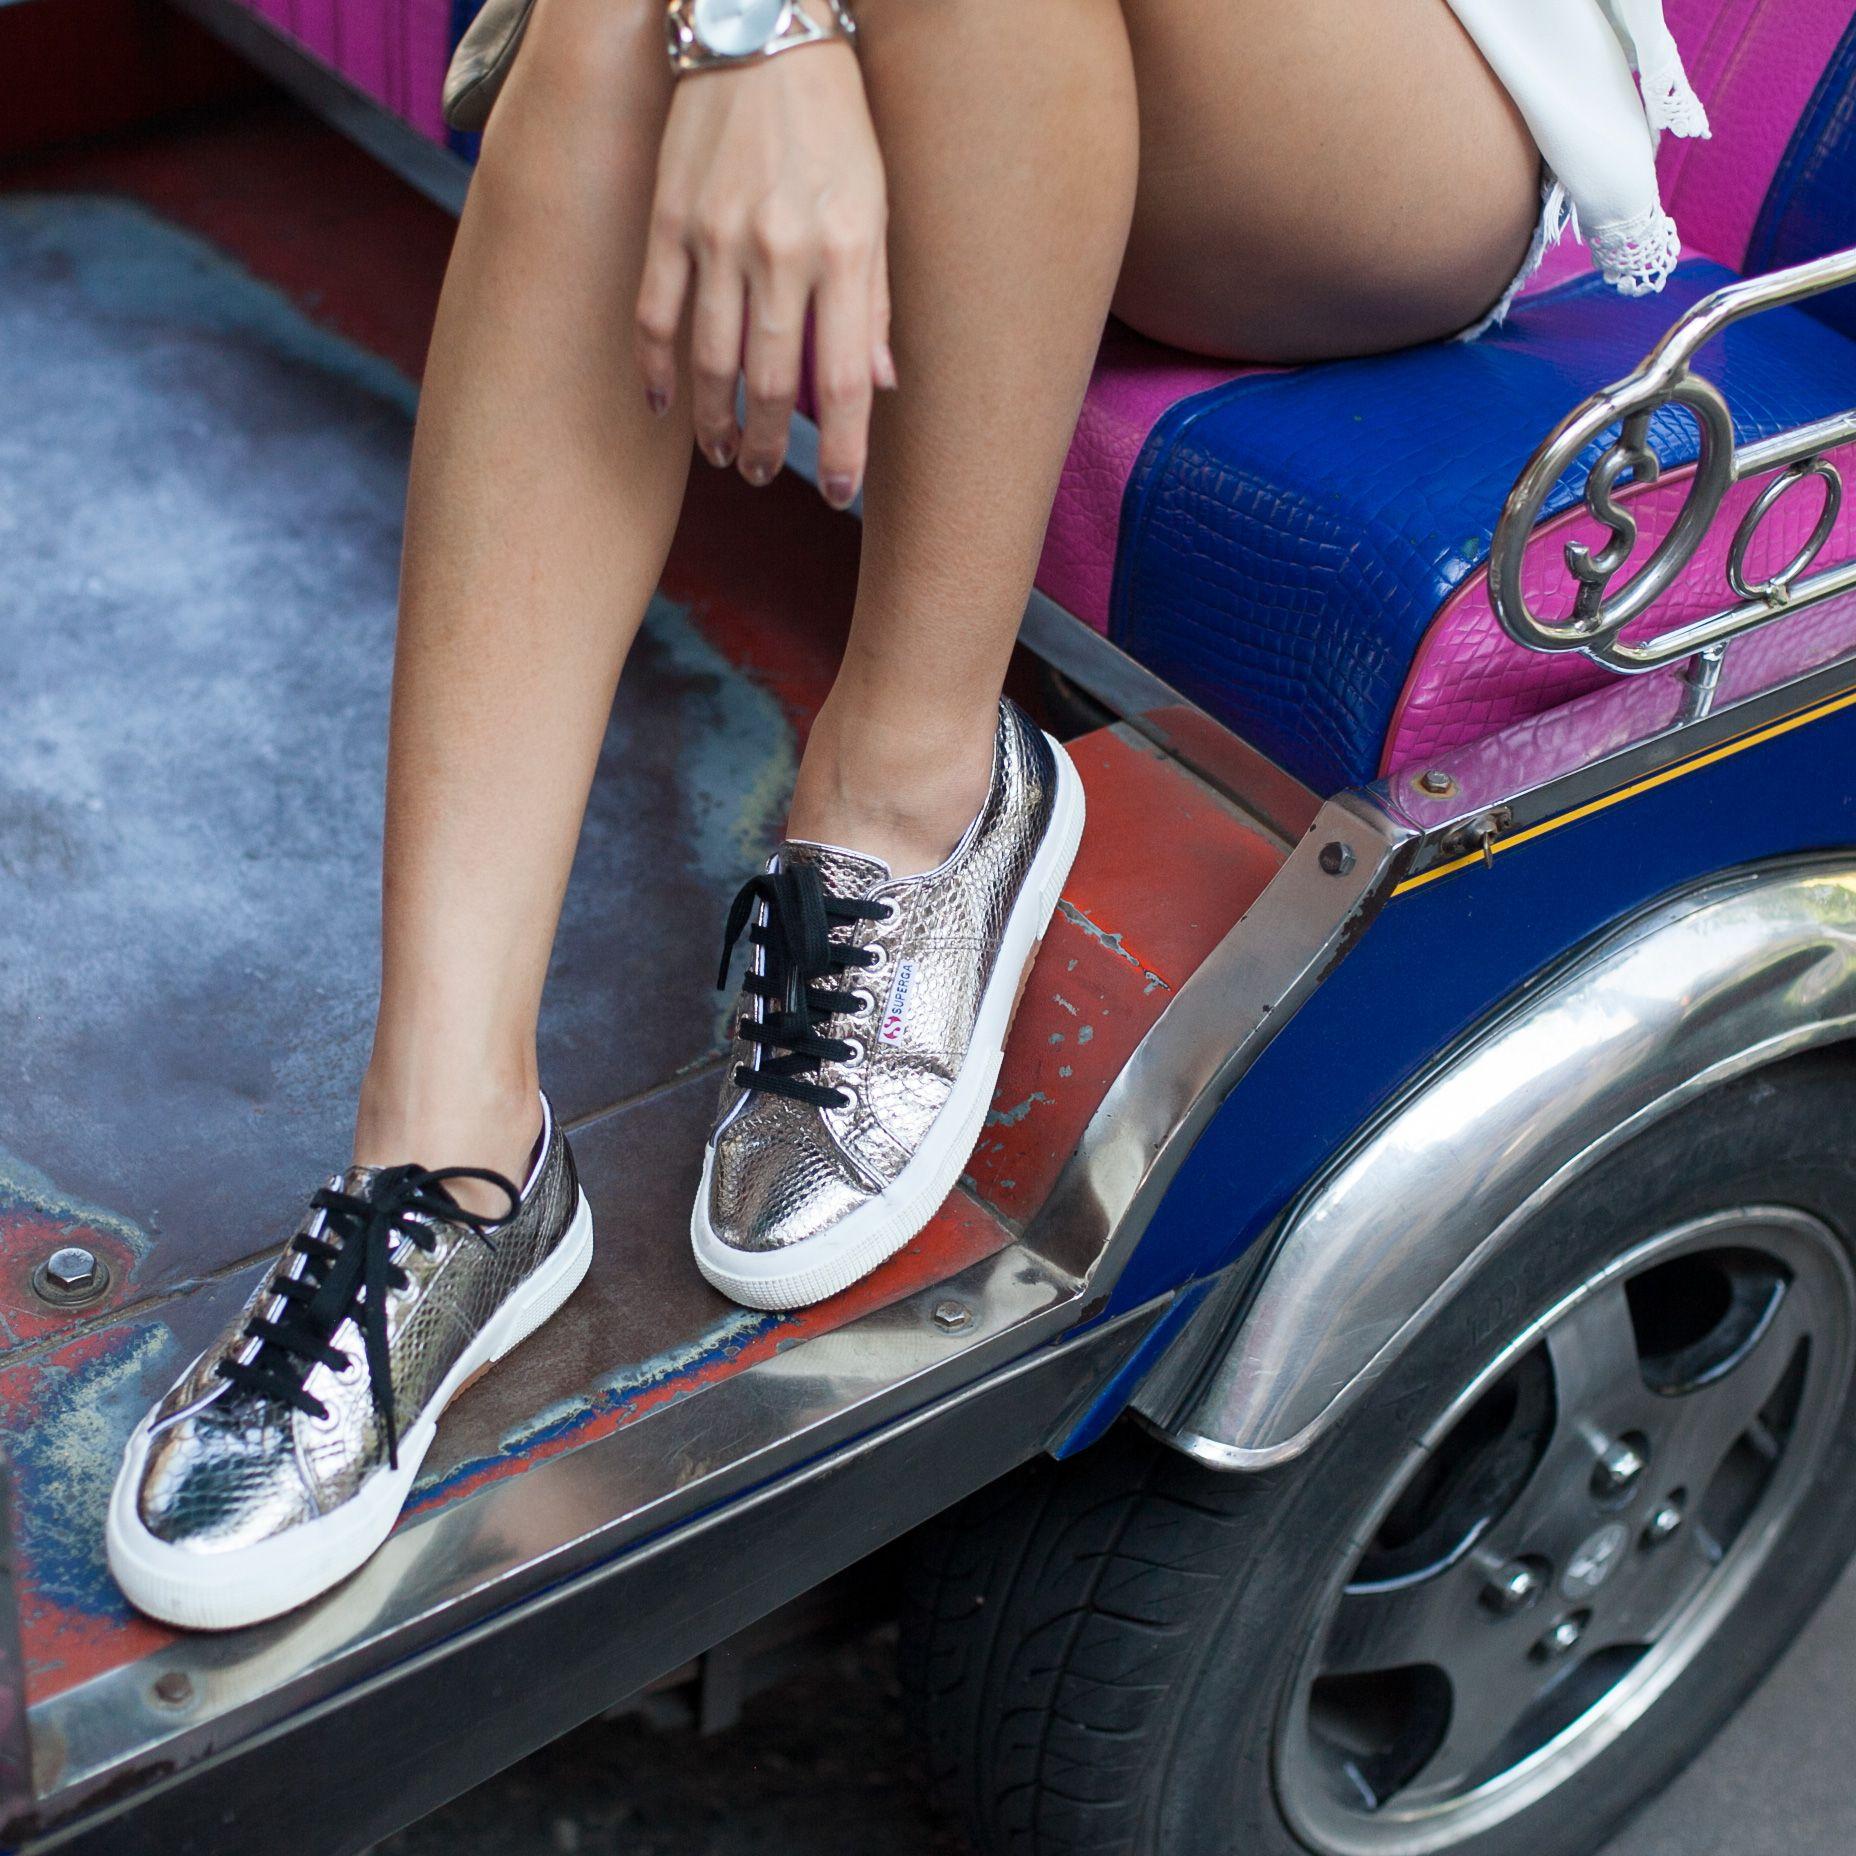 f3d97a5baf711  Superga www.superga.com.sg Best Looking Shoes